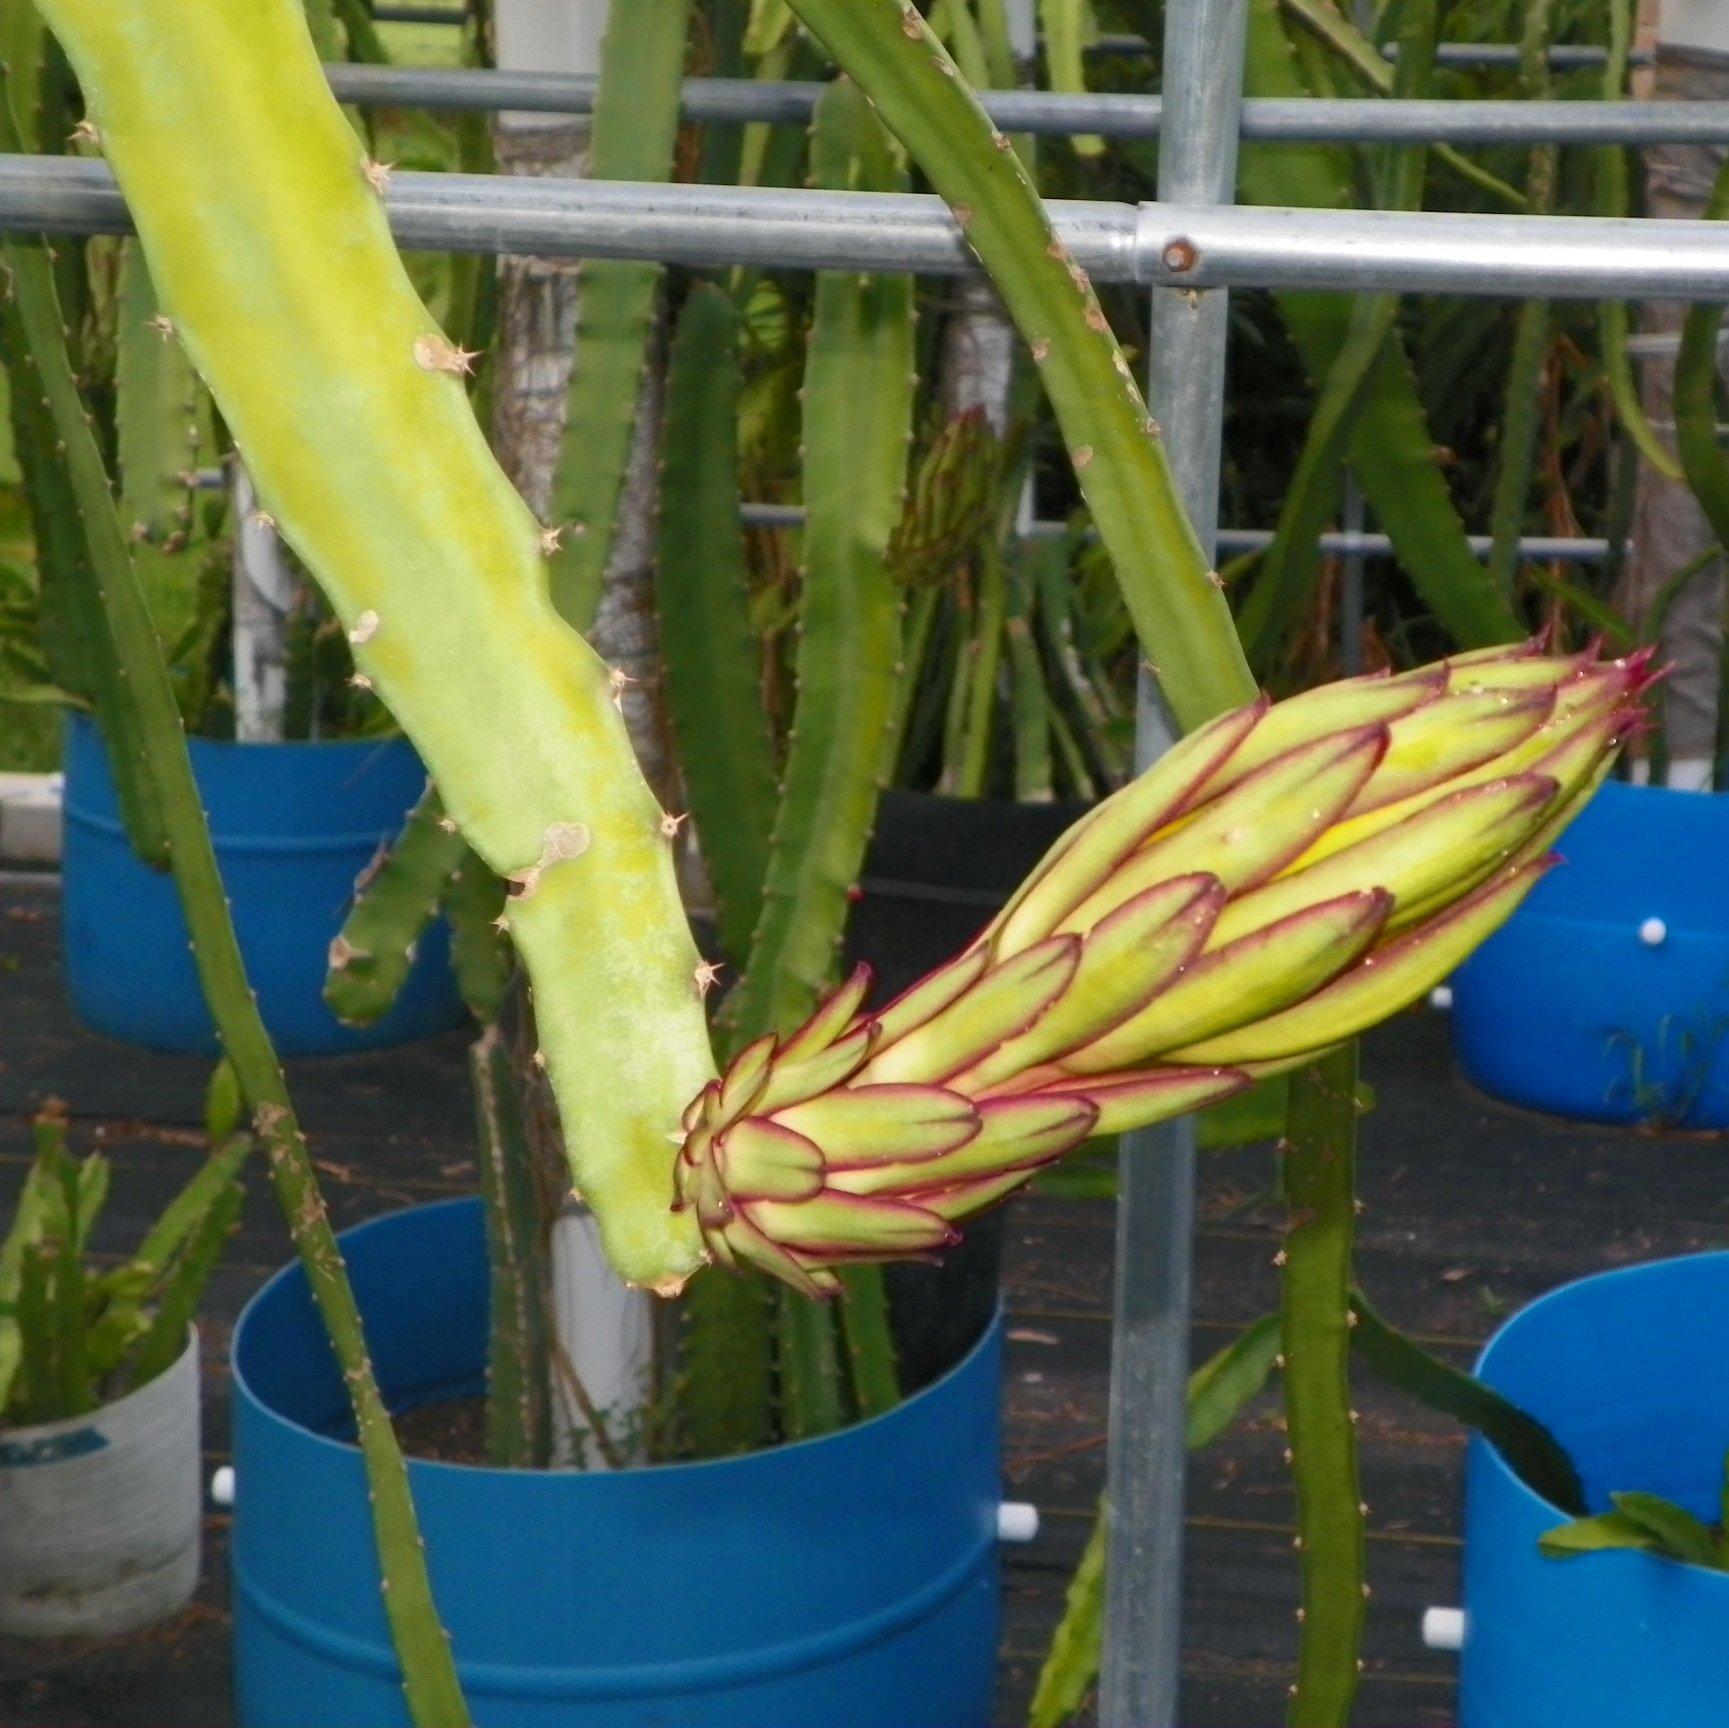 Dragon Fruit variety Hylocereus Polyrhizus flower bud